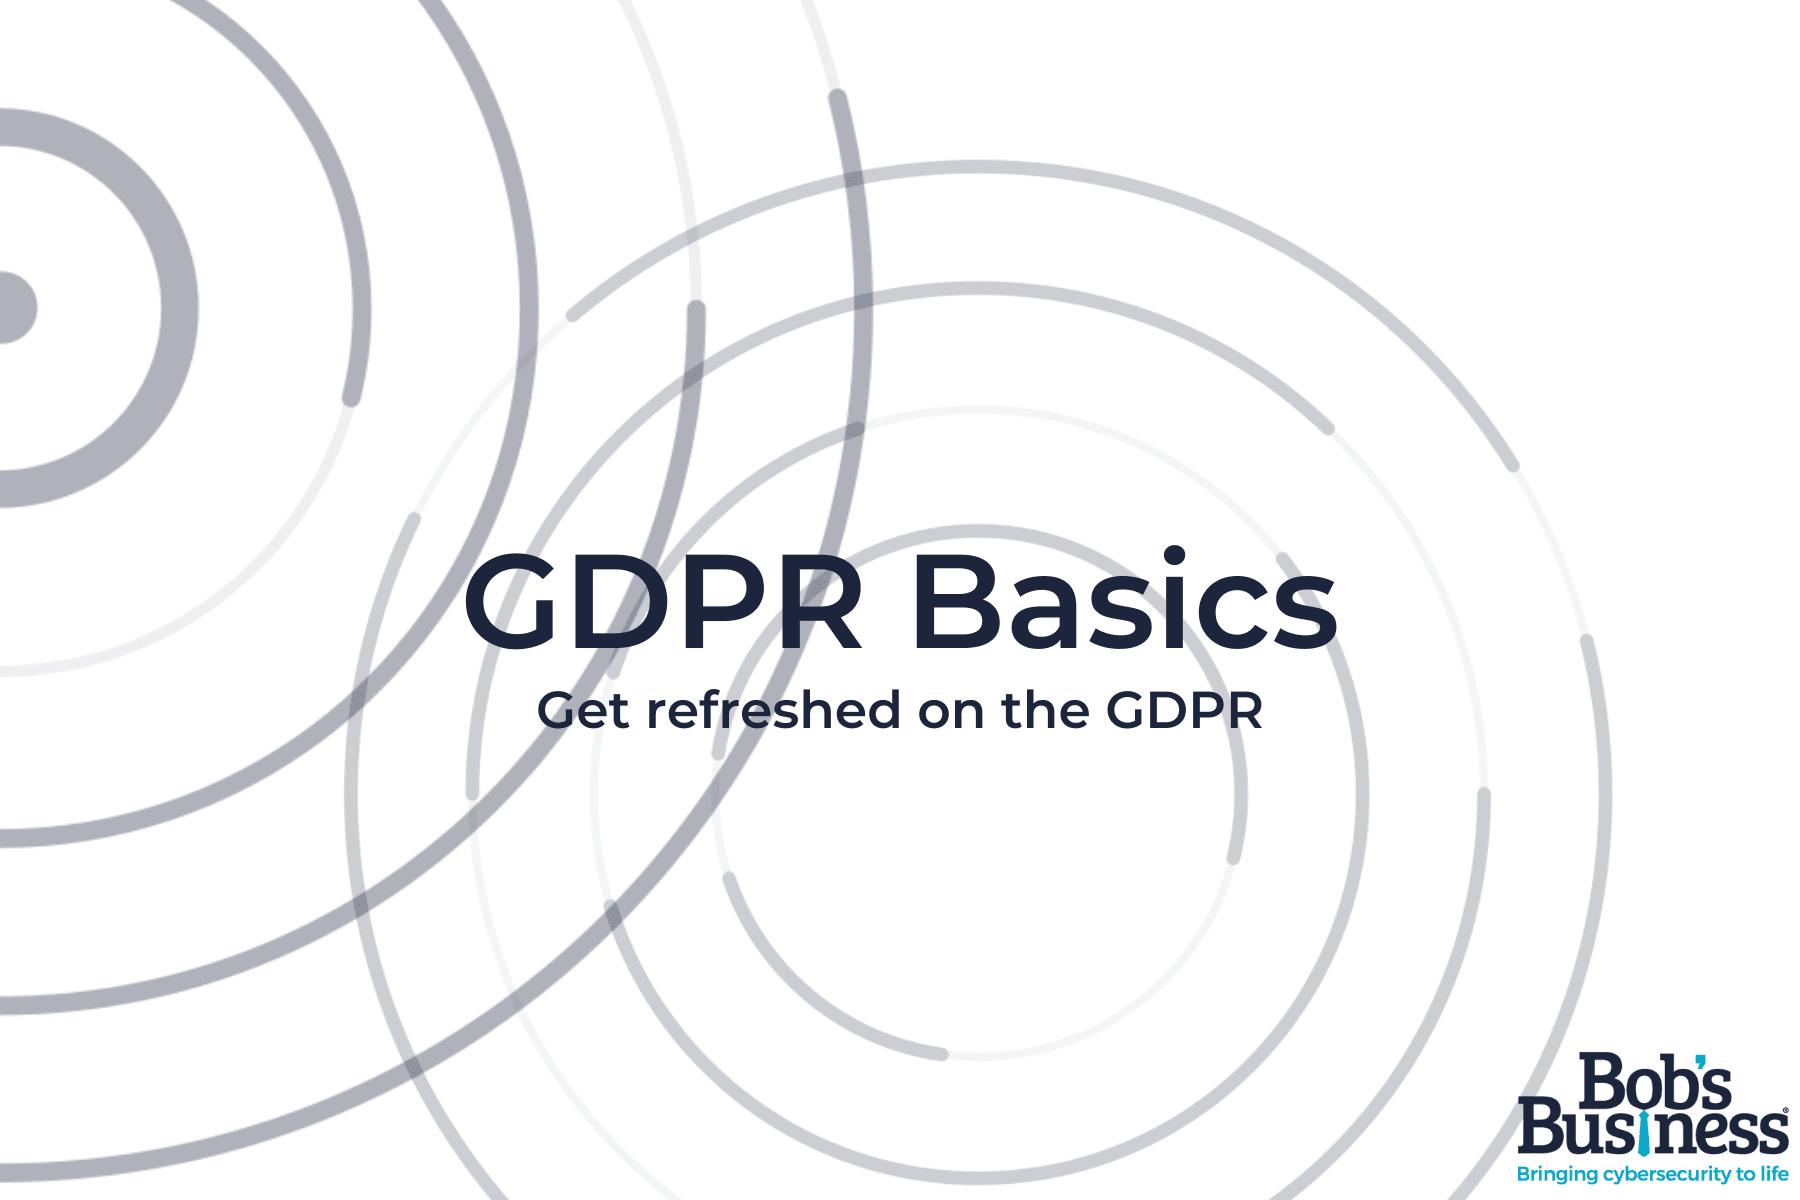 GDPR Basics